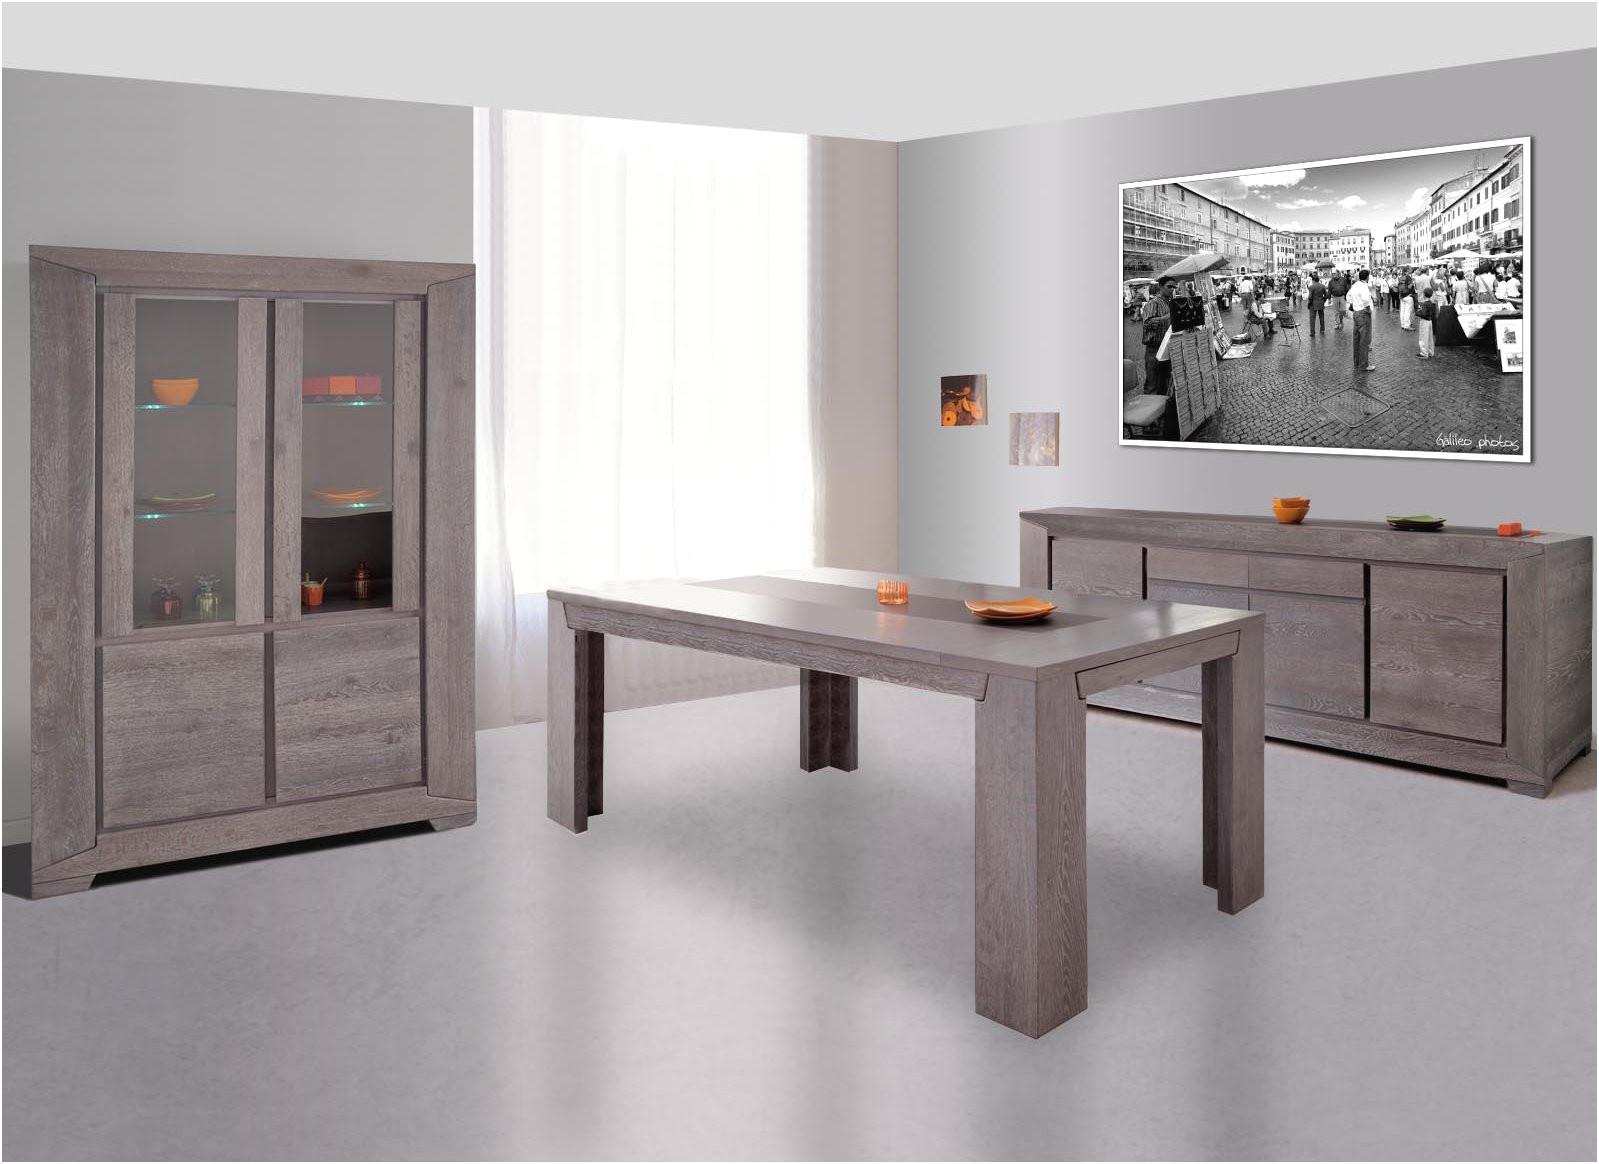 12 classique salle a manger blanc laque